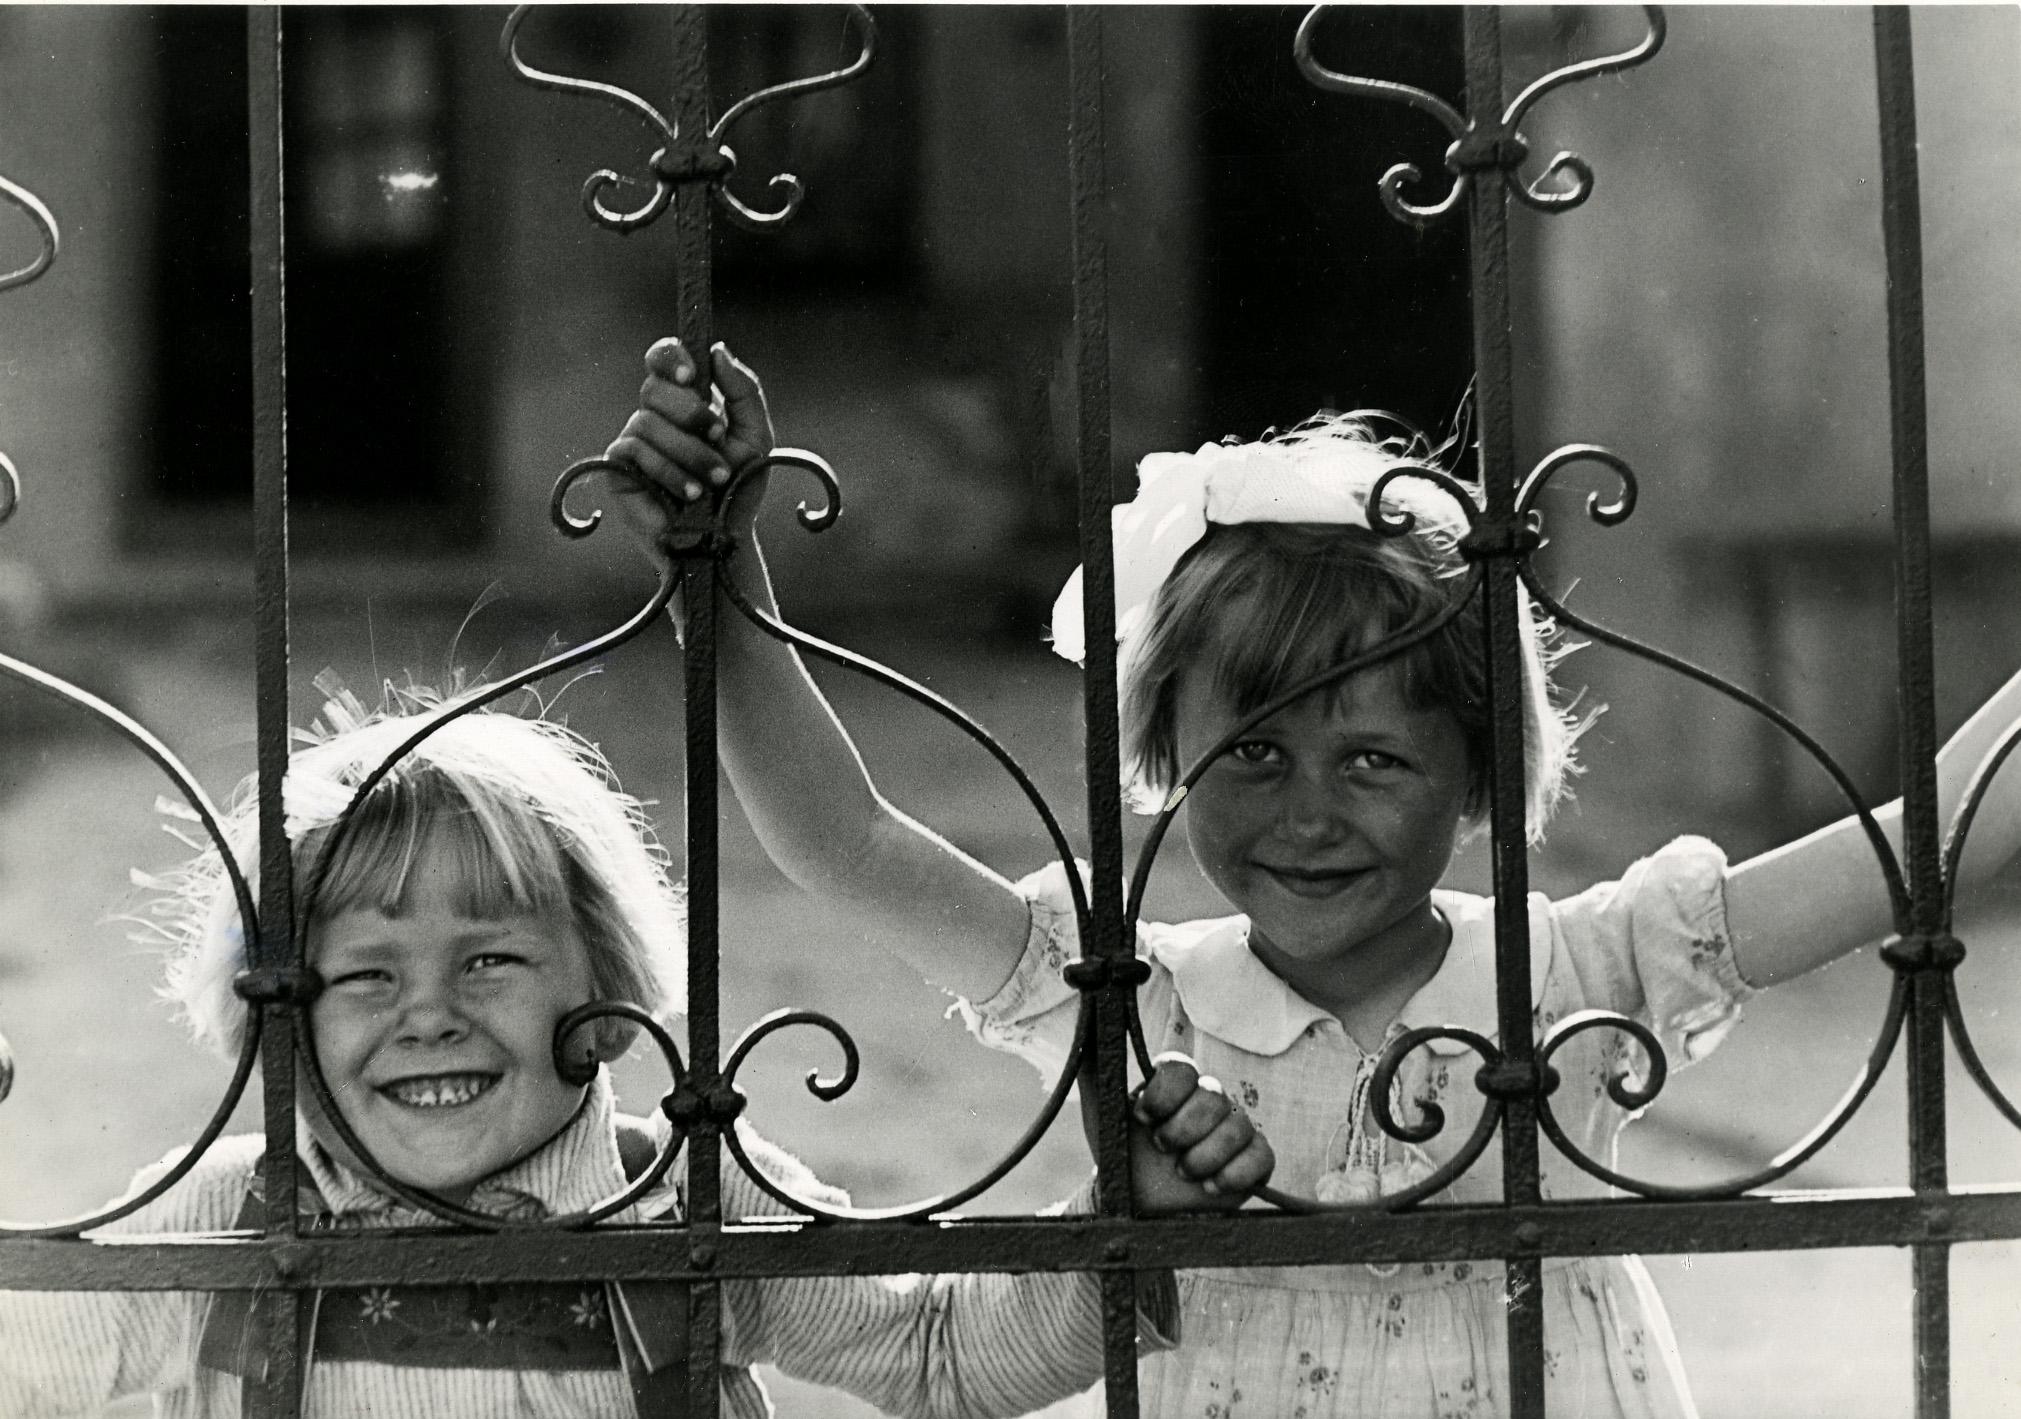 Fotó: Haller F.G.: Kislányok kerítésrács mögött, 1935 k. © Magyar Fotográfiai Múzeum